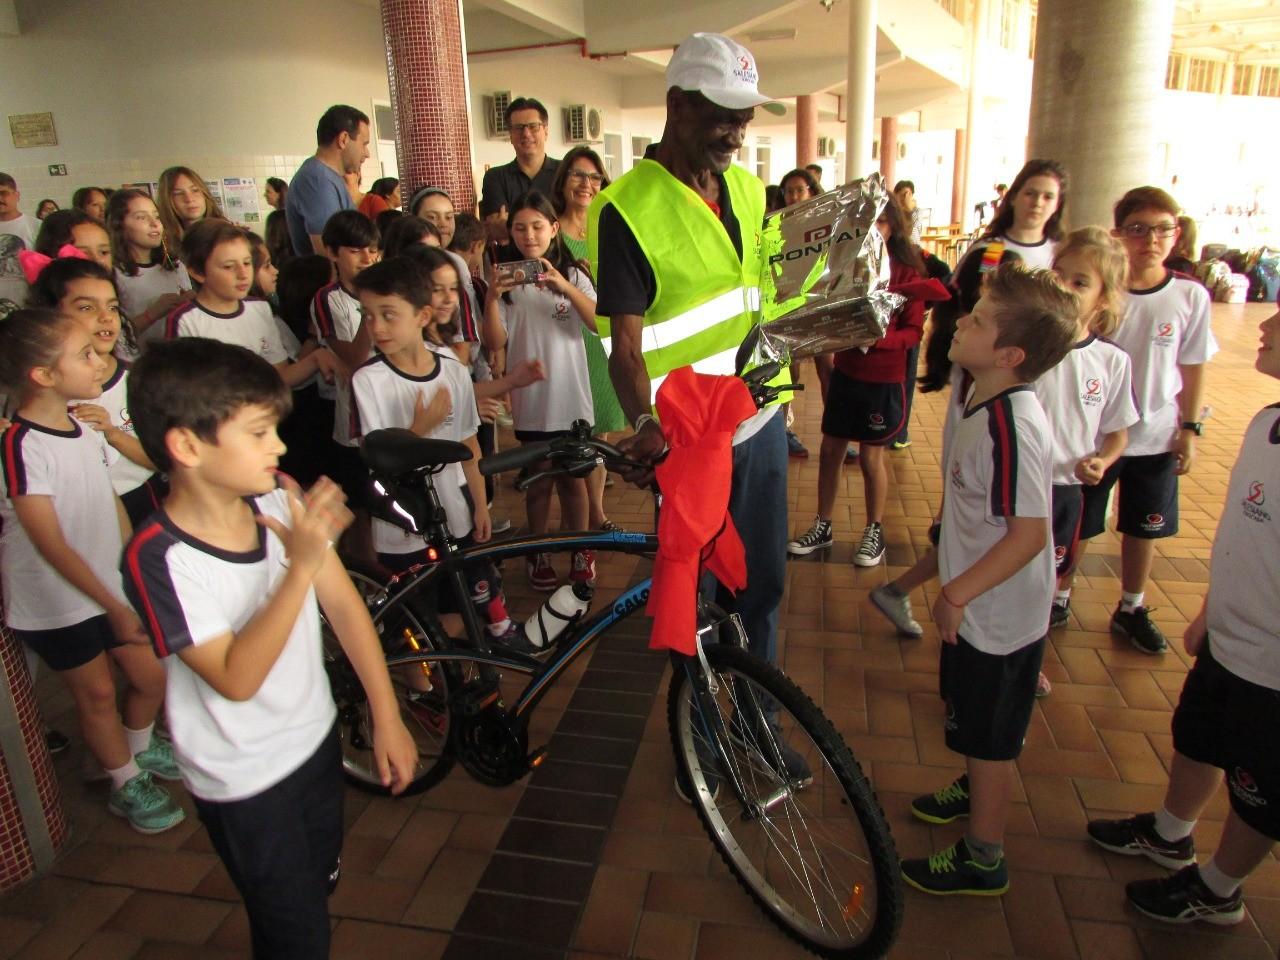 Alunos fazem surpresa bicicleta inspetor 75 anos